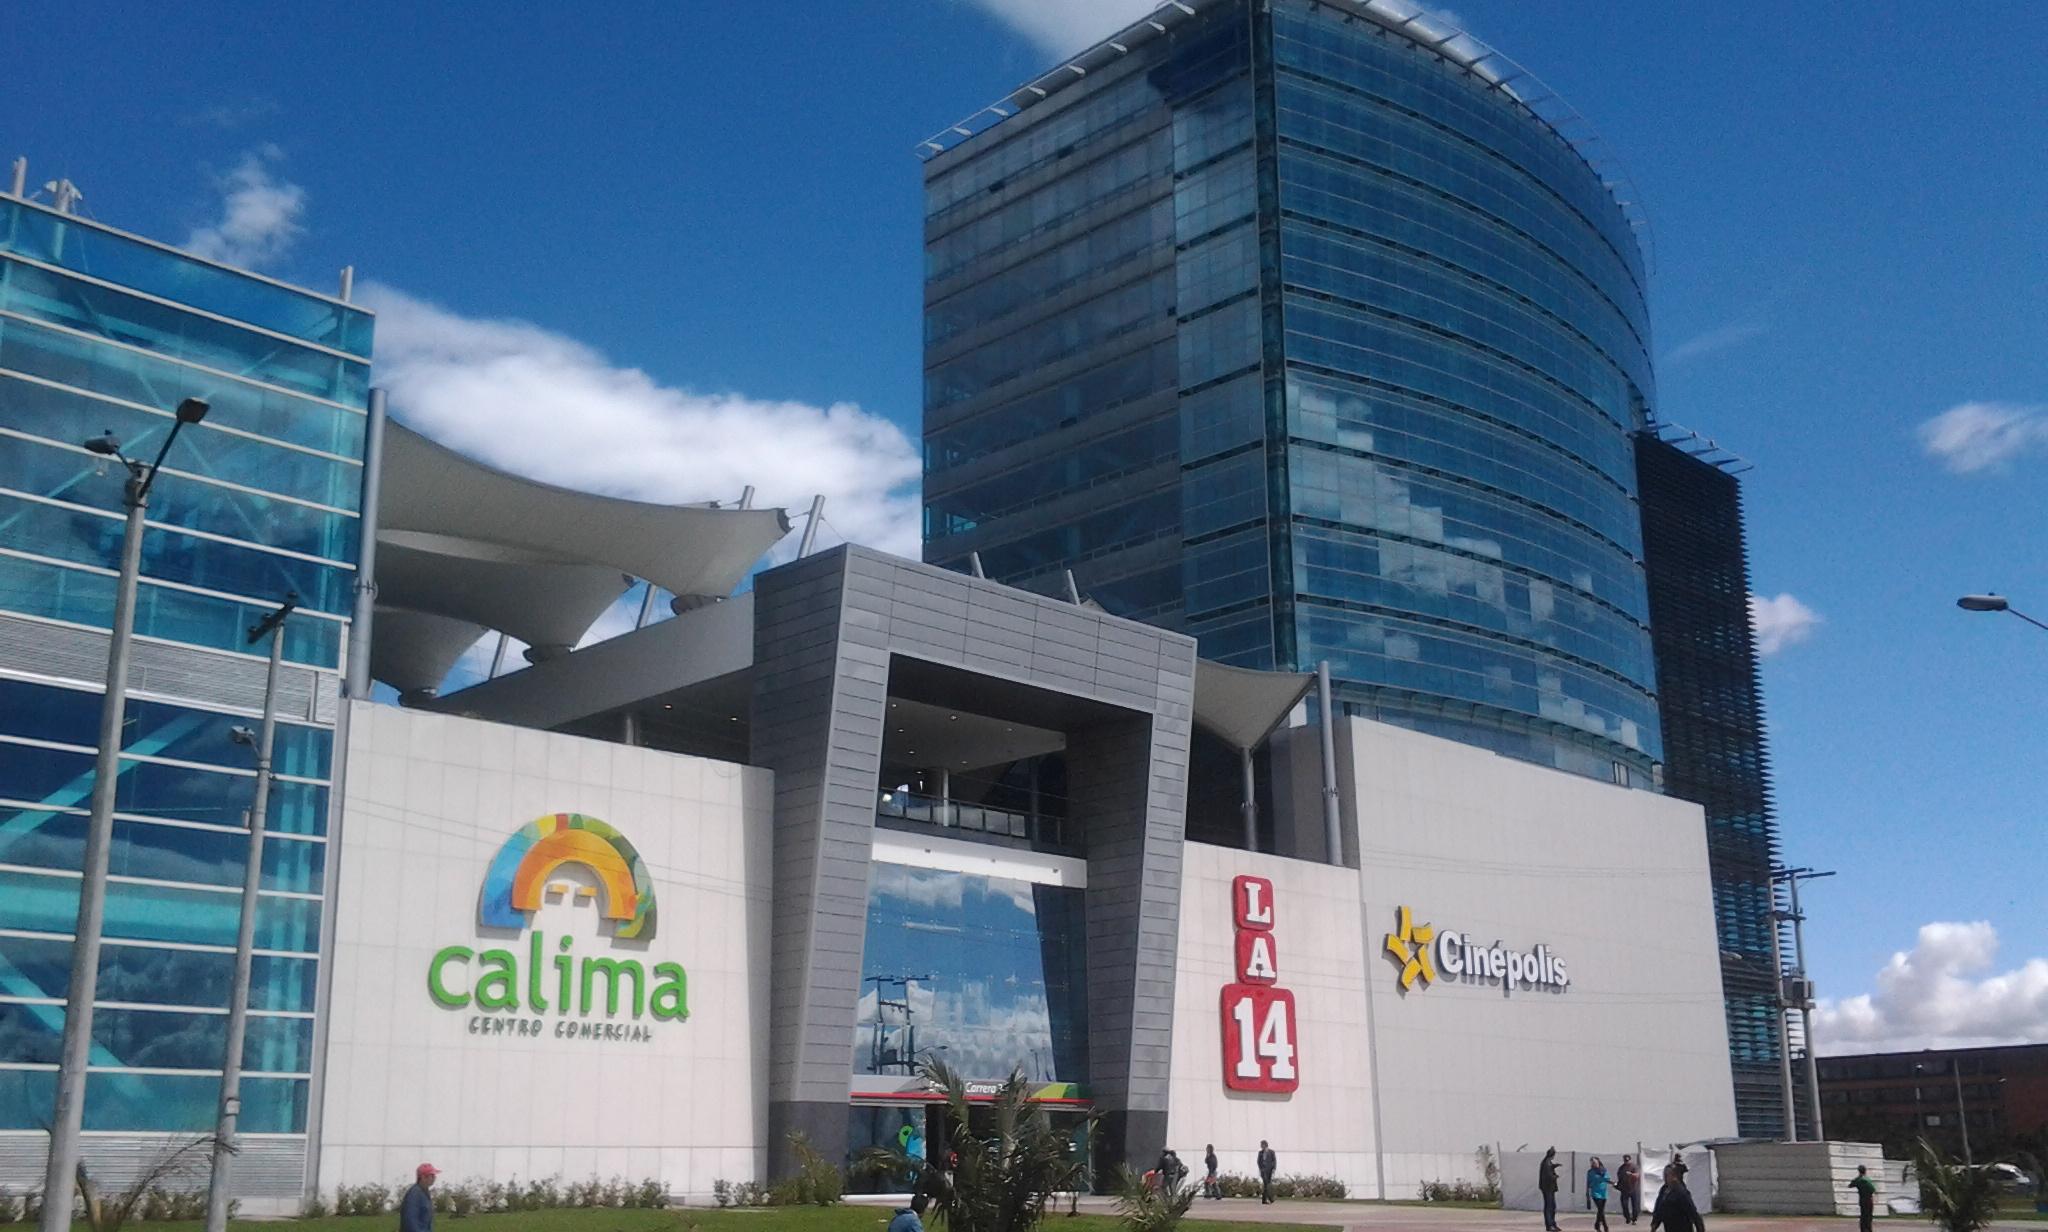 centro comercial calima wikipedia